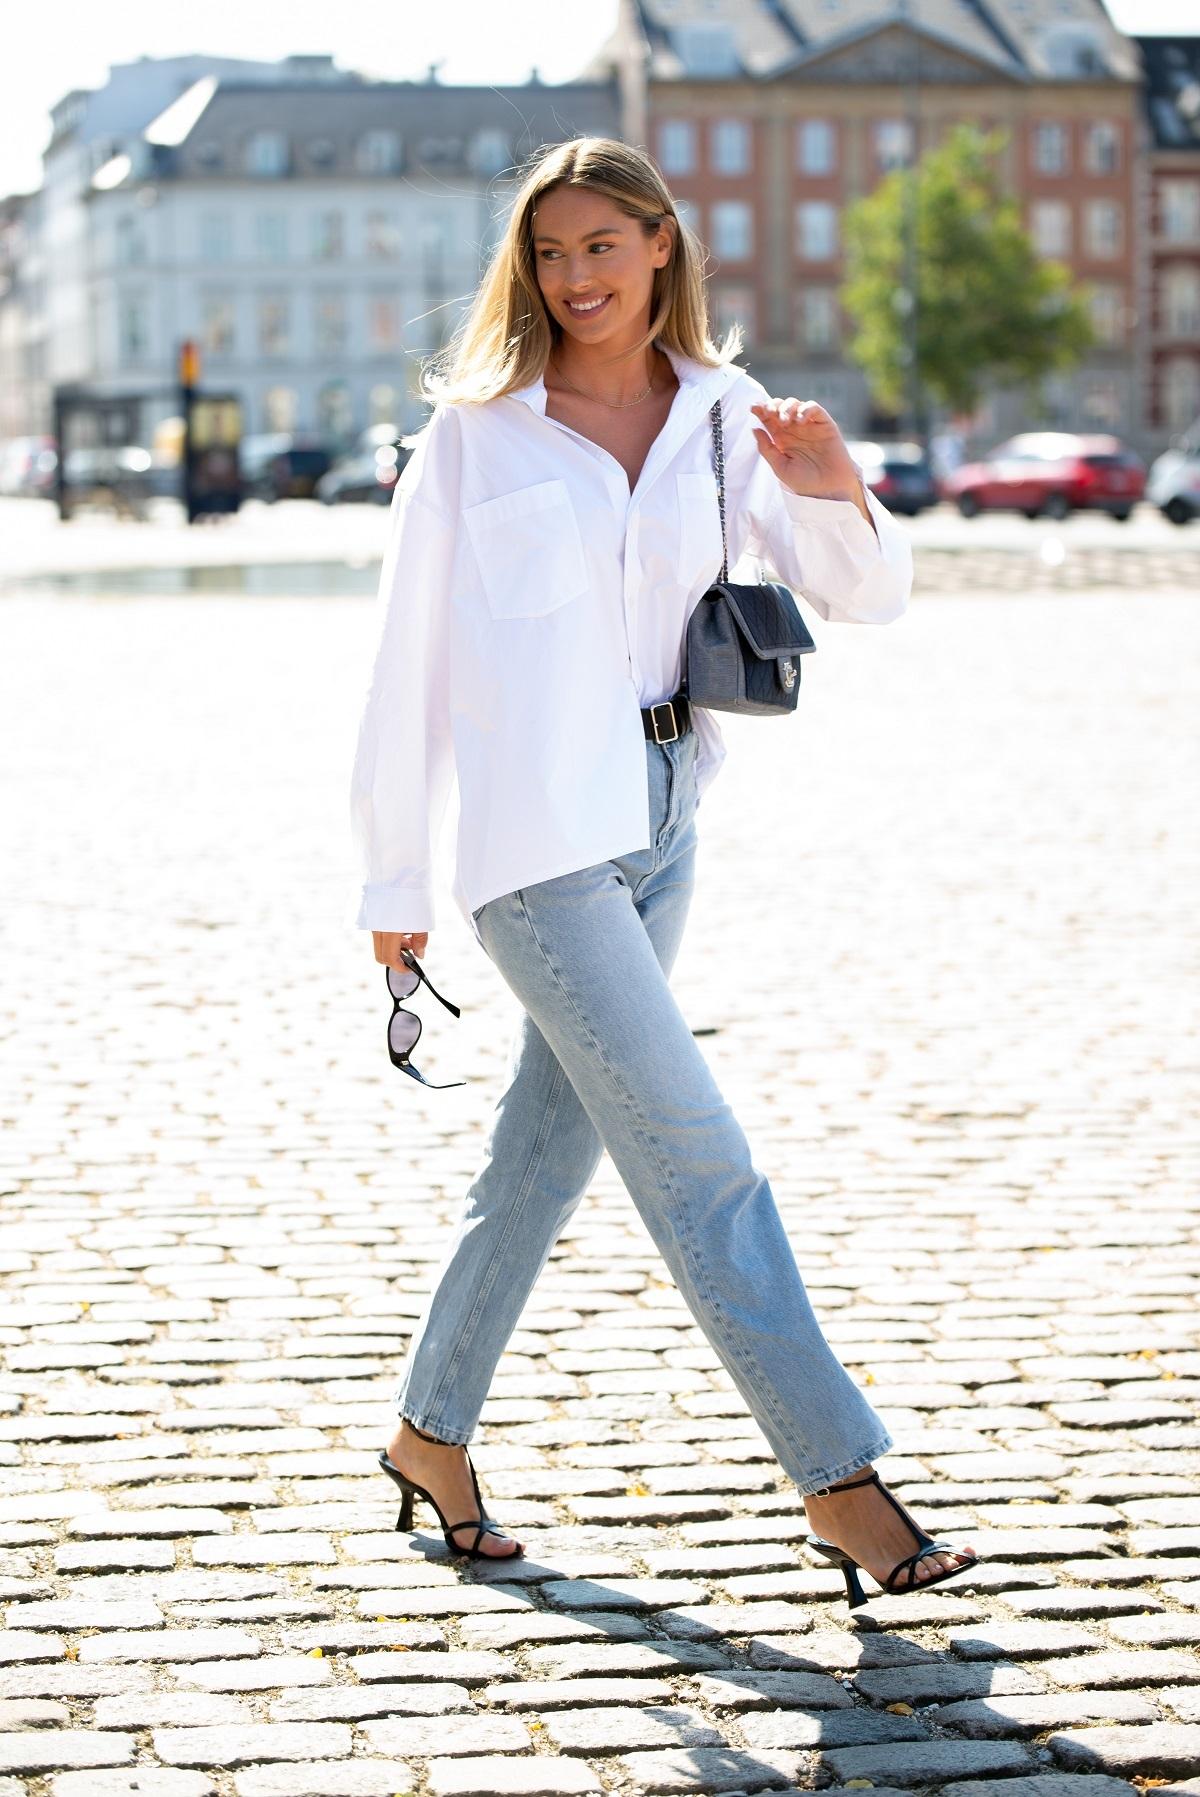 Apuesta por jeans + camisa blanca.